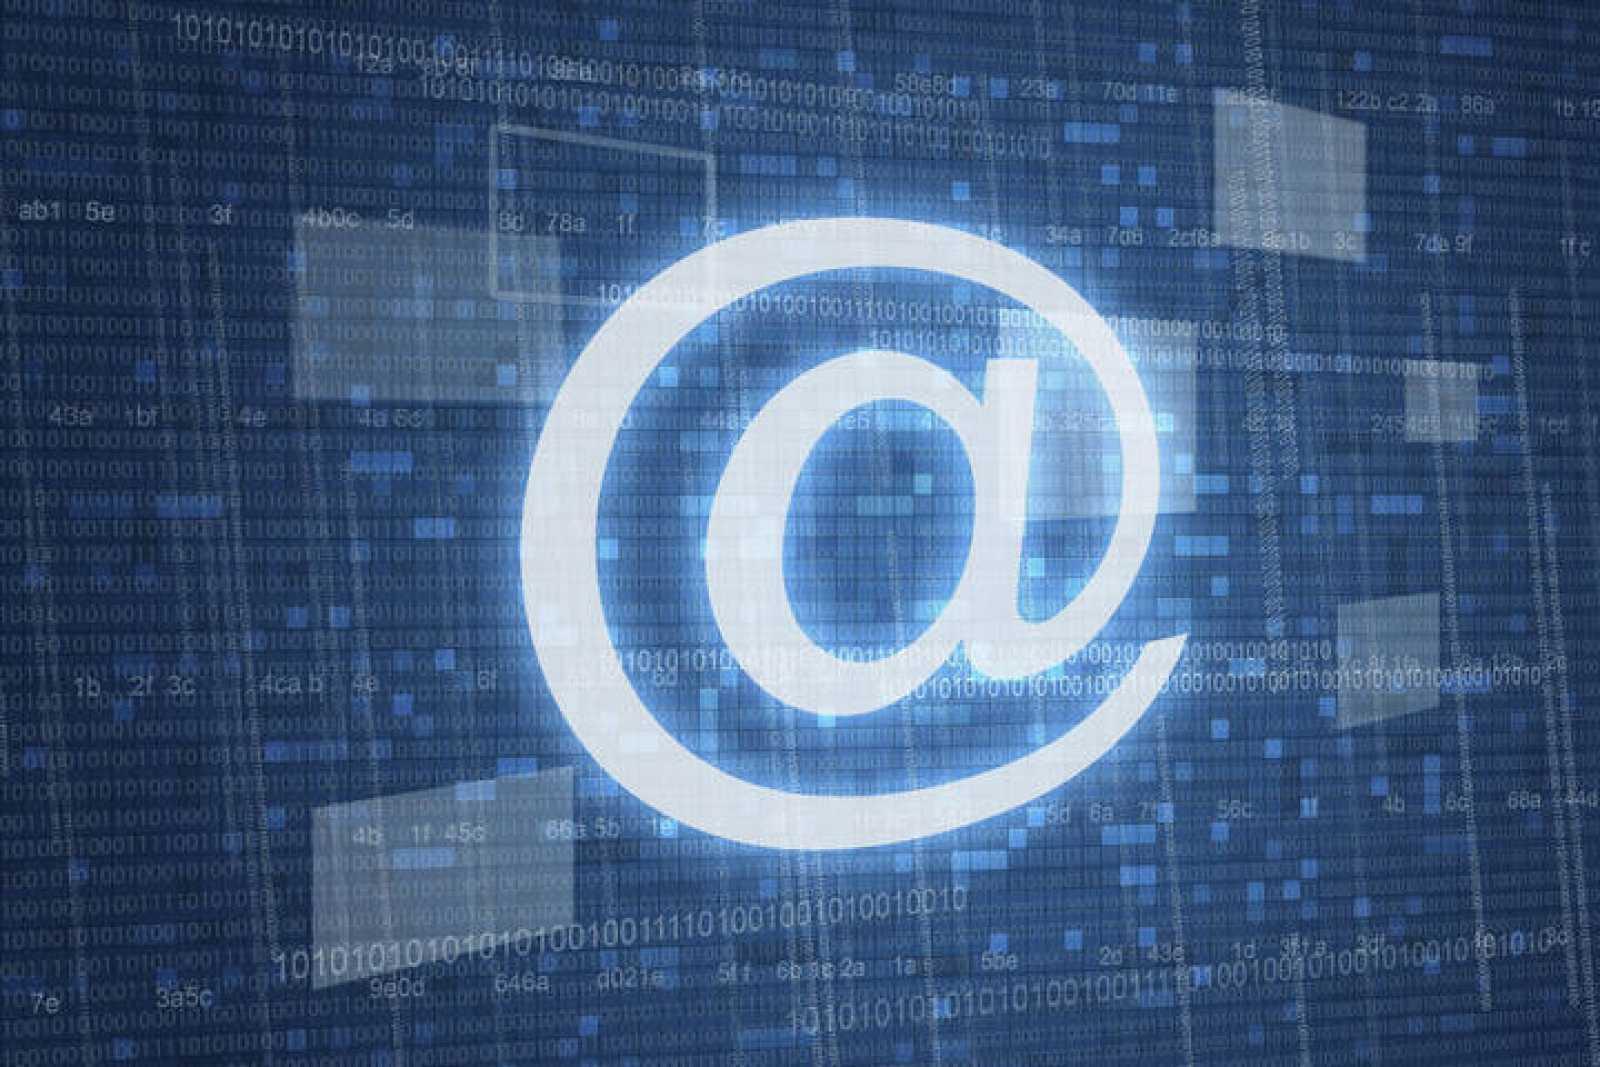 El símbolo de la arroba con fondo digital.